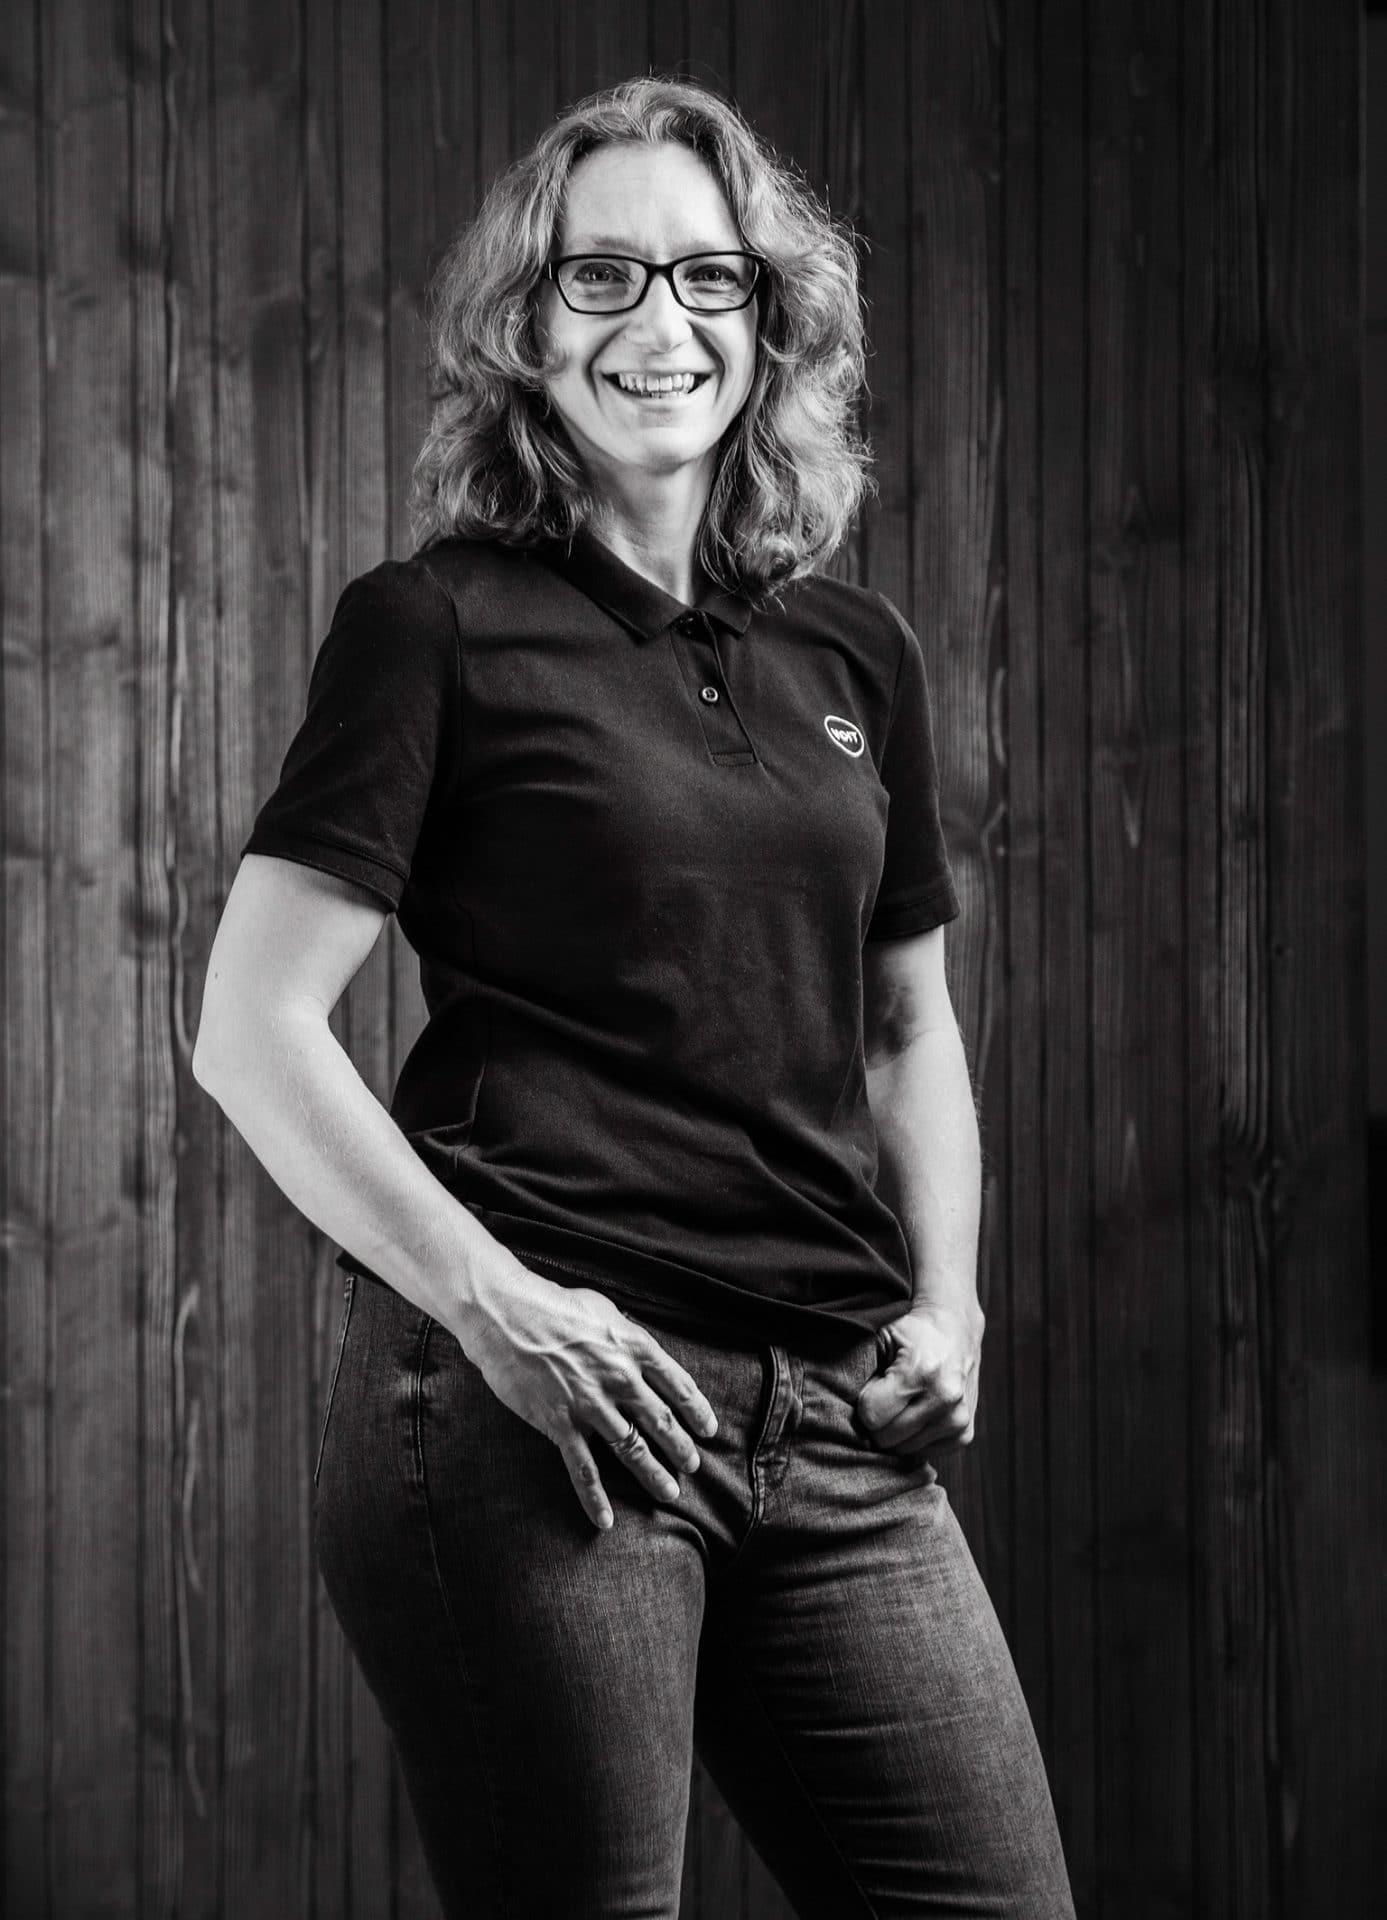 Portrait von Karina Schreinerin der Firma VOIT - Bild in schwarz-weiß